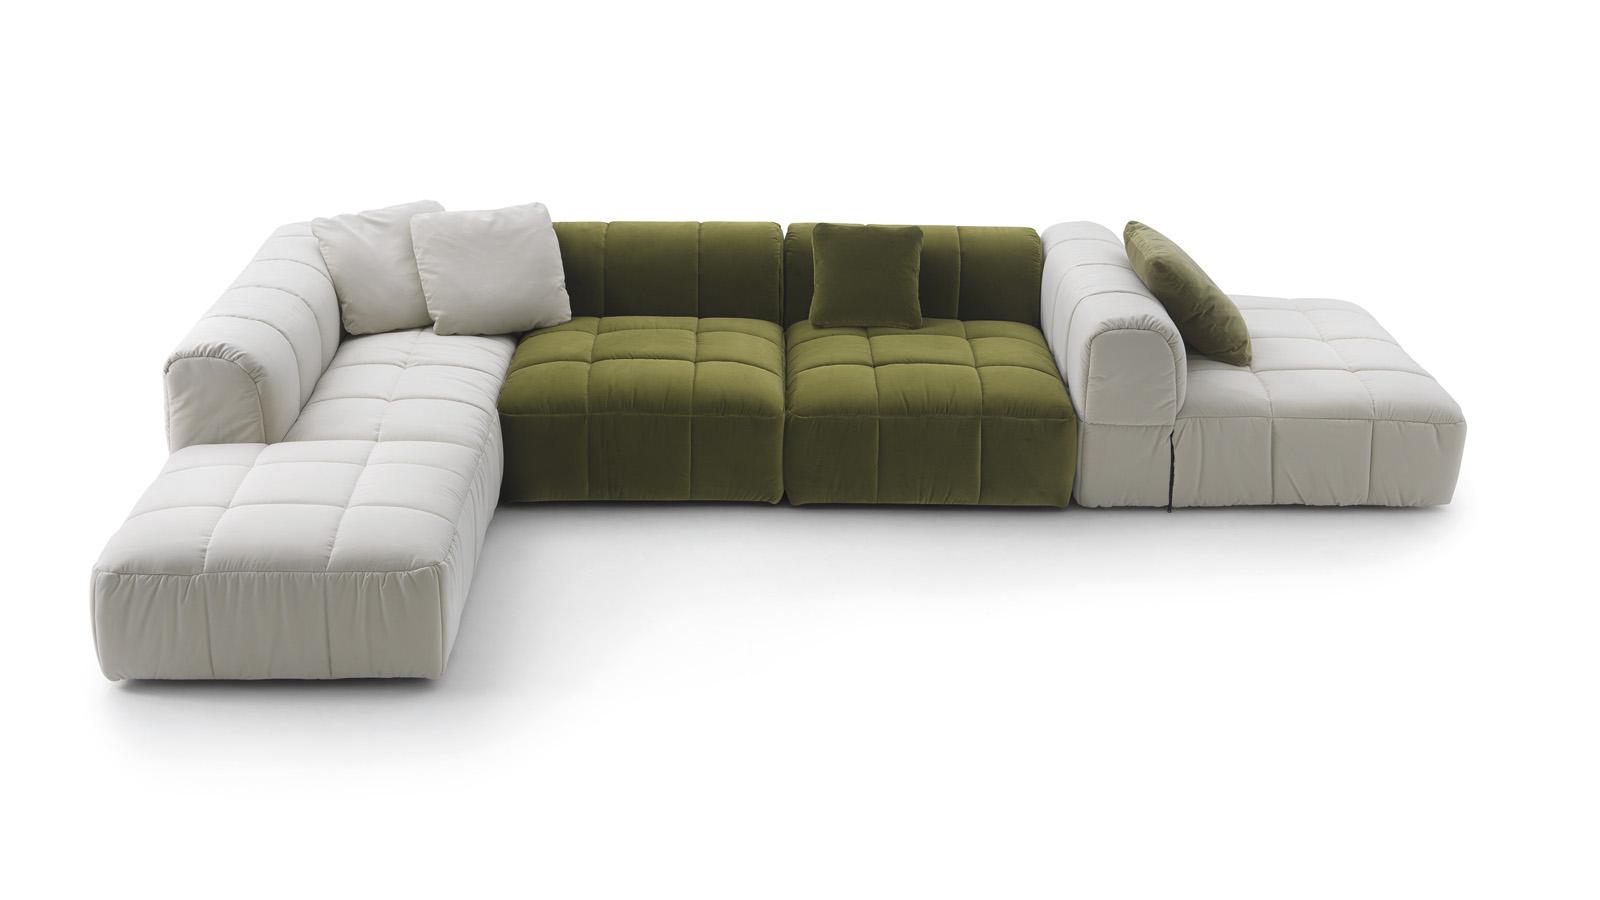 TinnappelMetz-arflex-strips-sofa-08